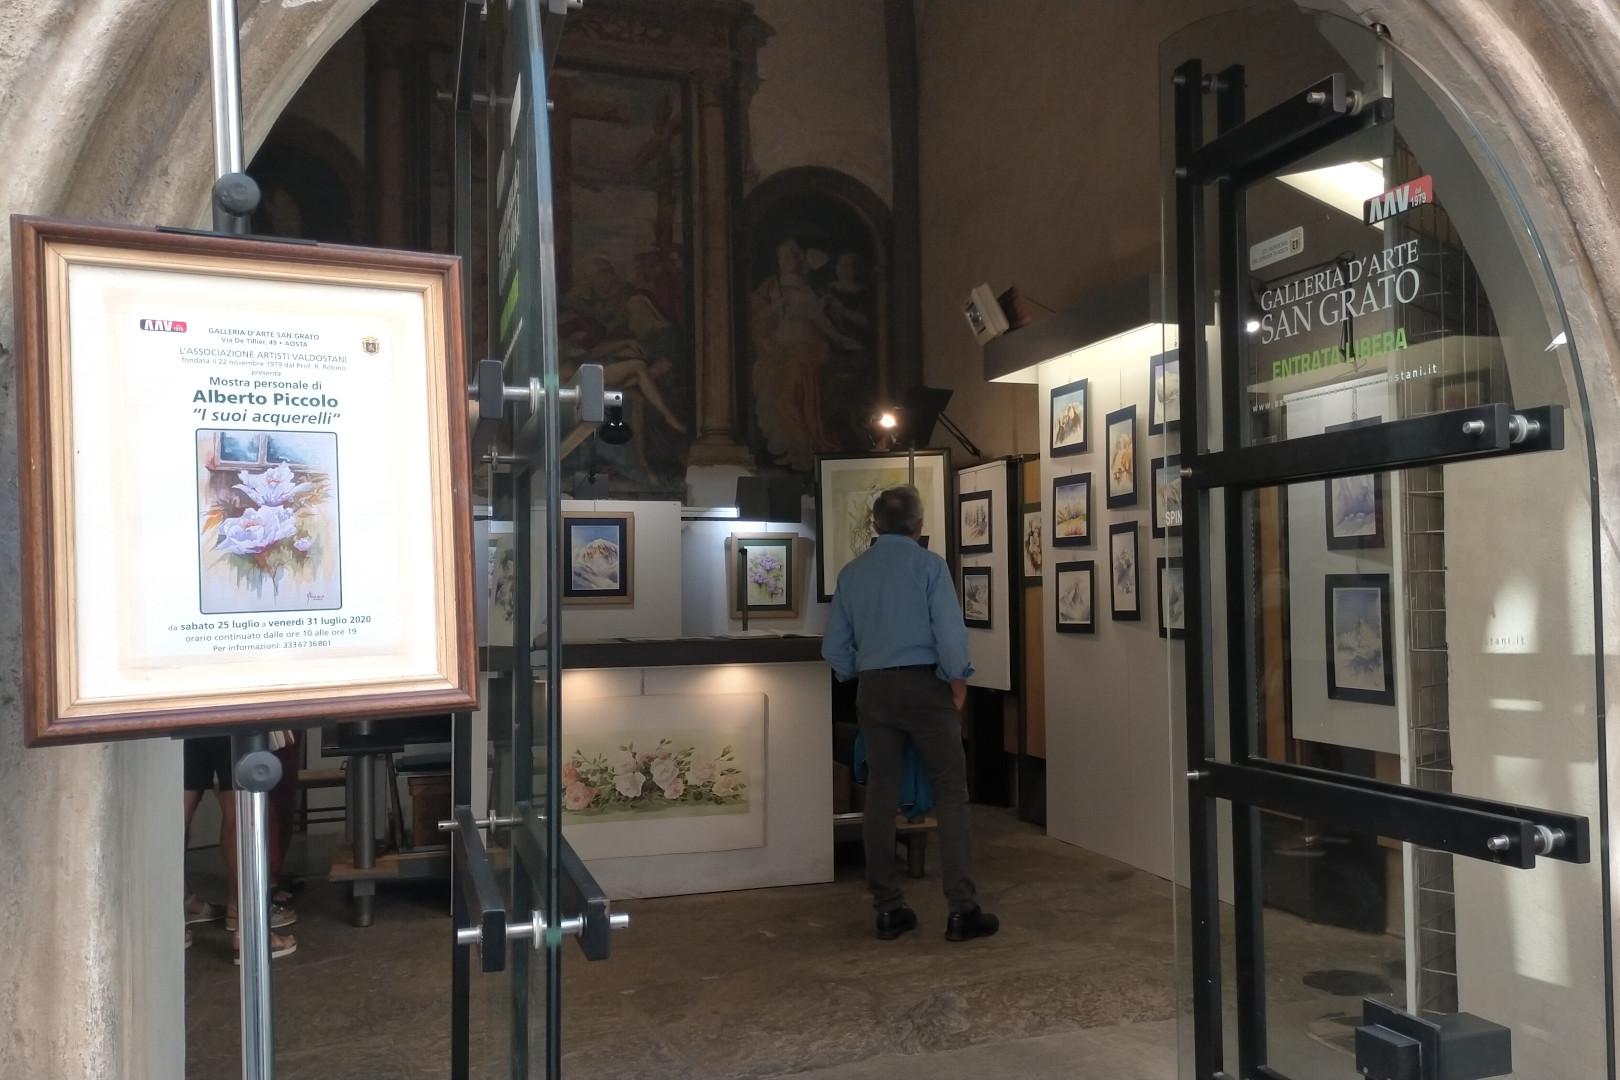 La mostra di Alberto Piccolo alla Cappella di San Grato ad Aosta